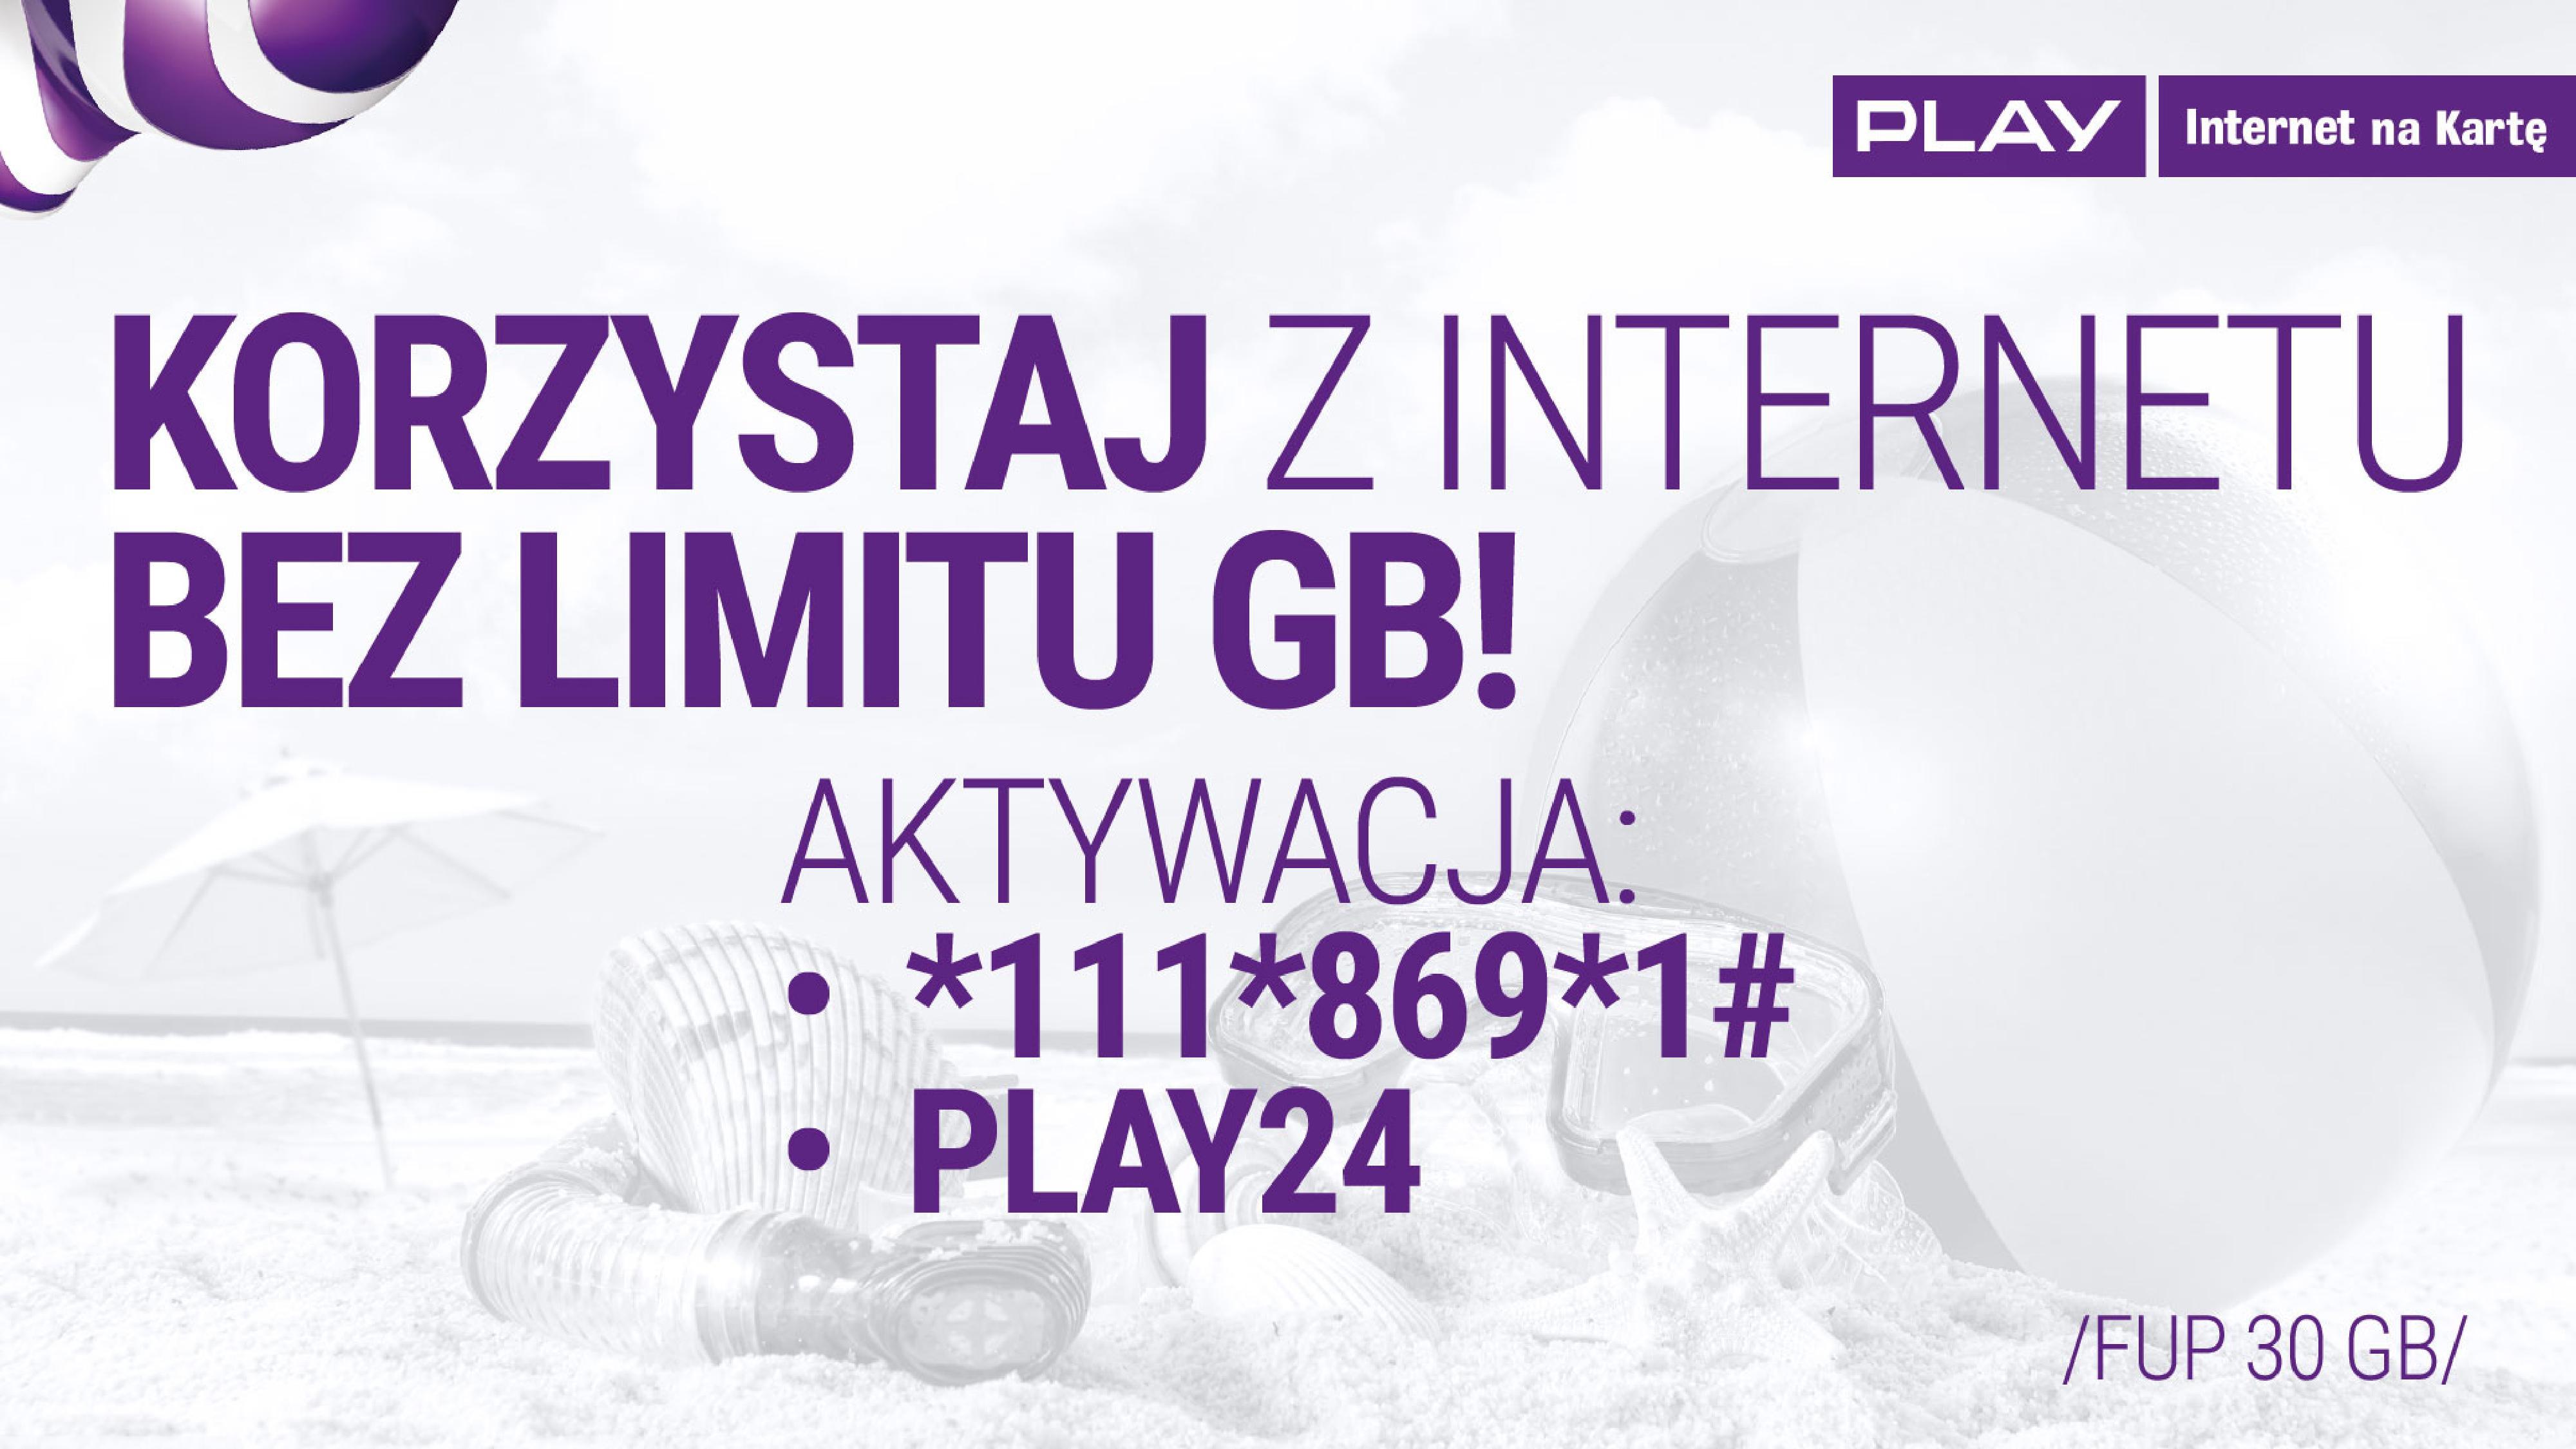 Masz Play na Kartę? Dostaniesz 9 GB internetu na wakacje i Tidala do końca roku! 20